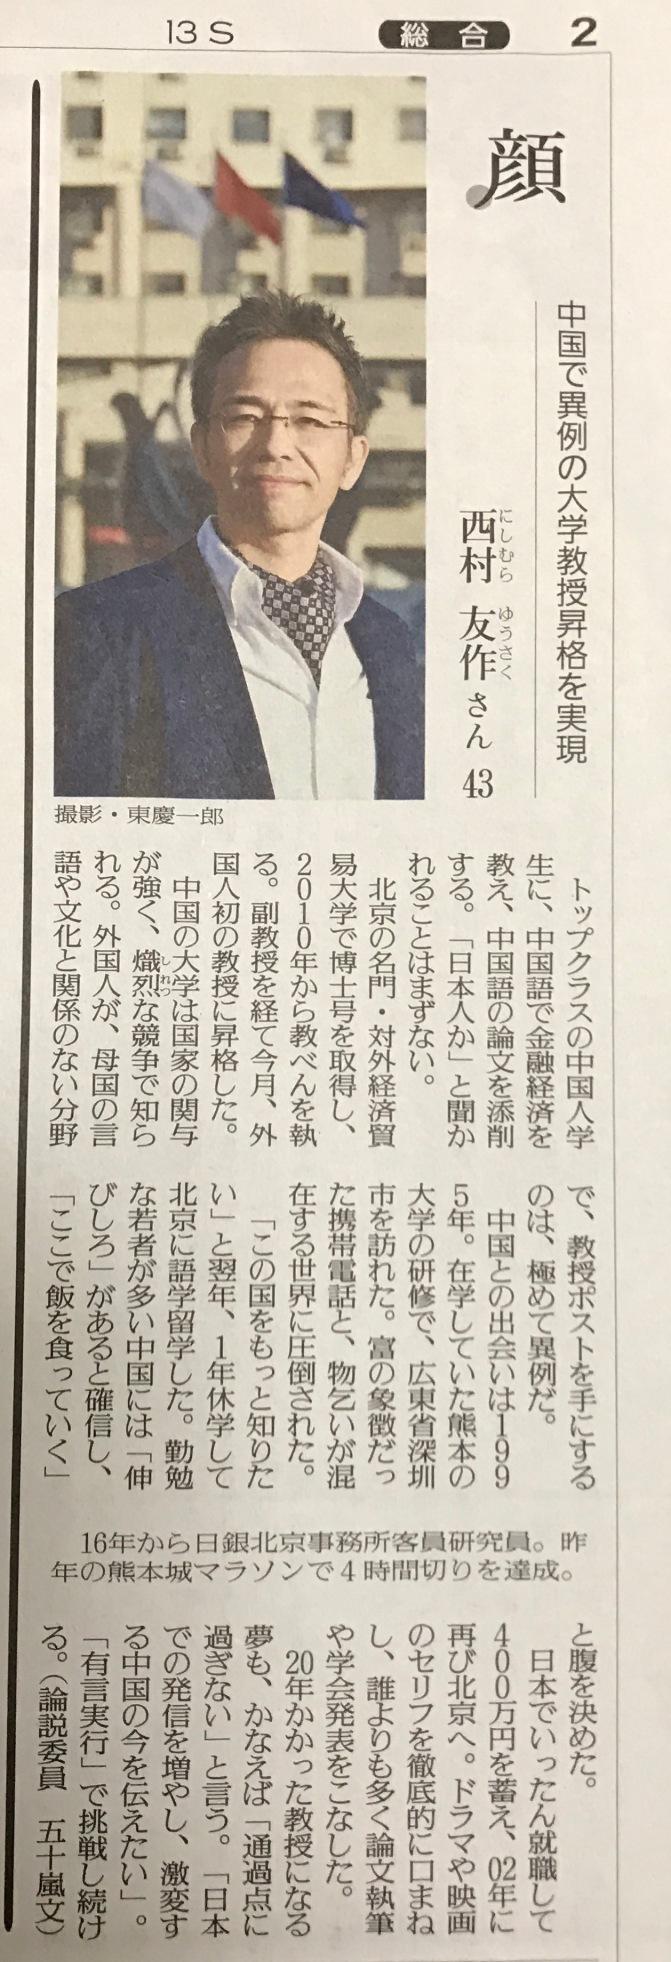 読売新聞 顔_20180126